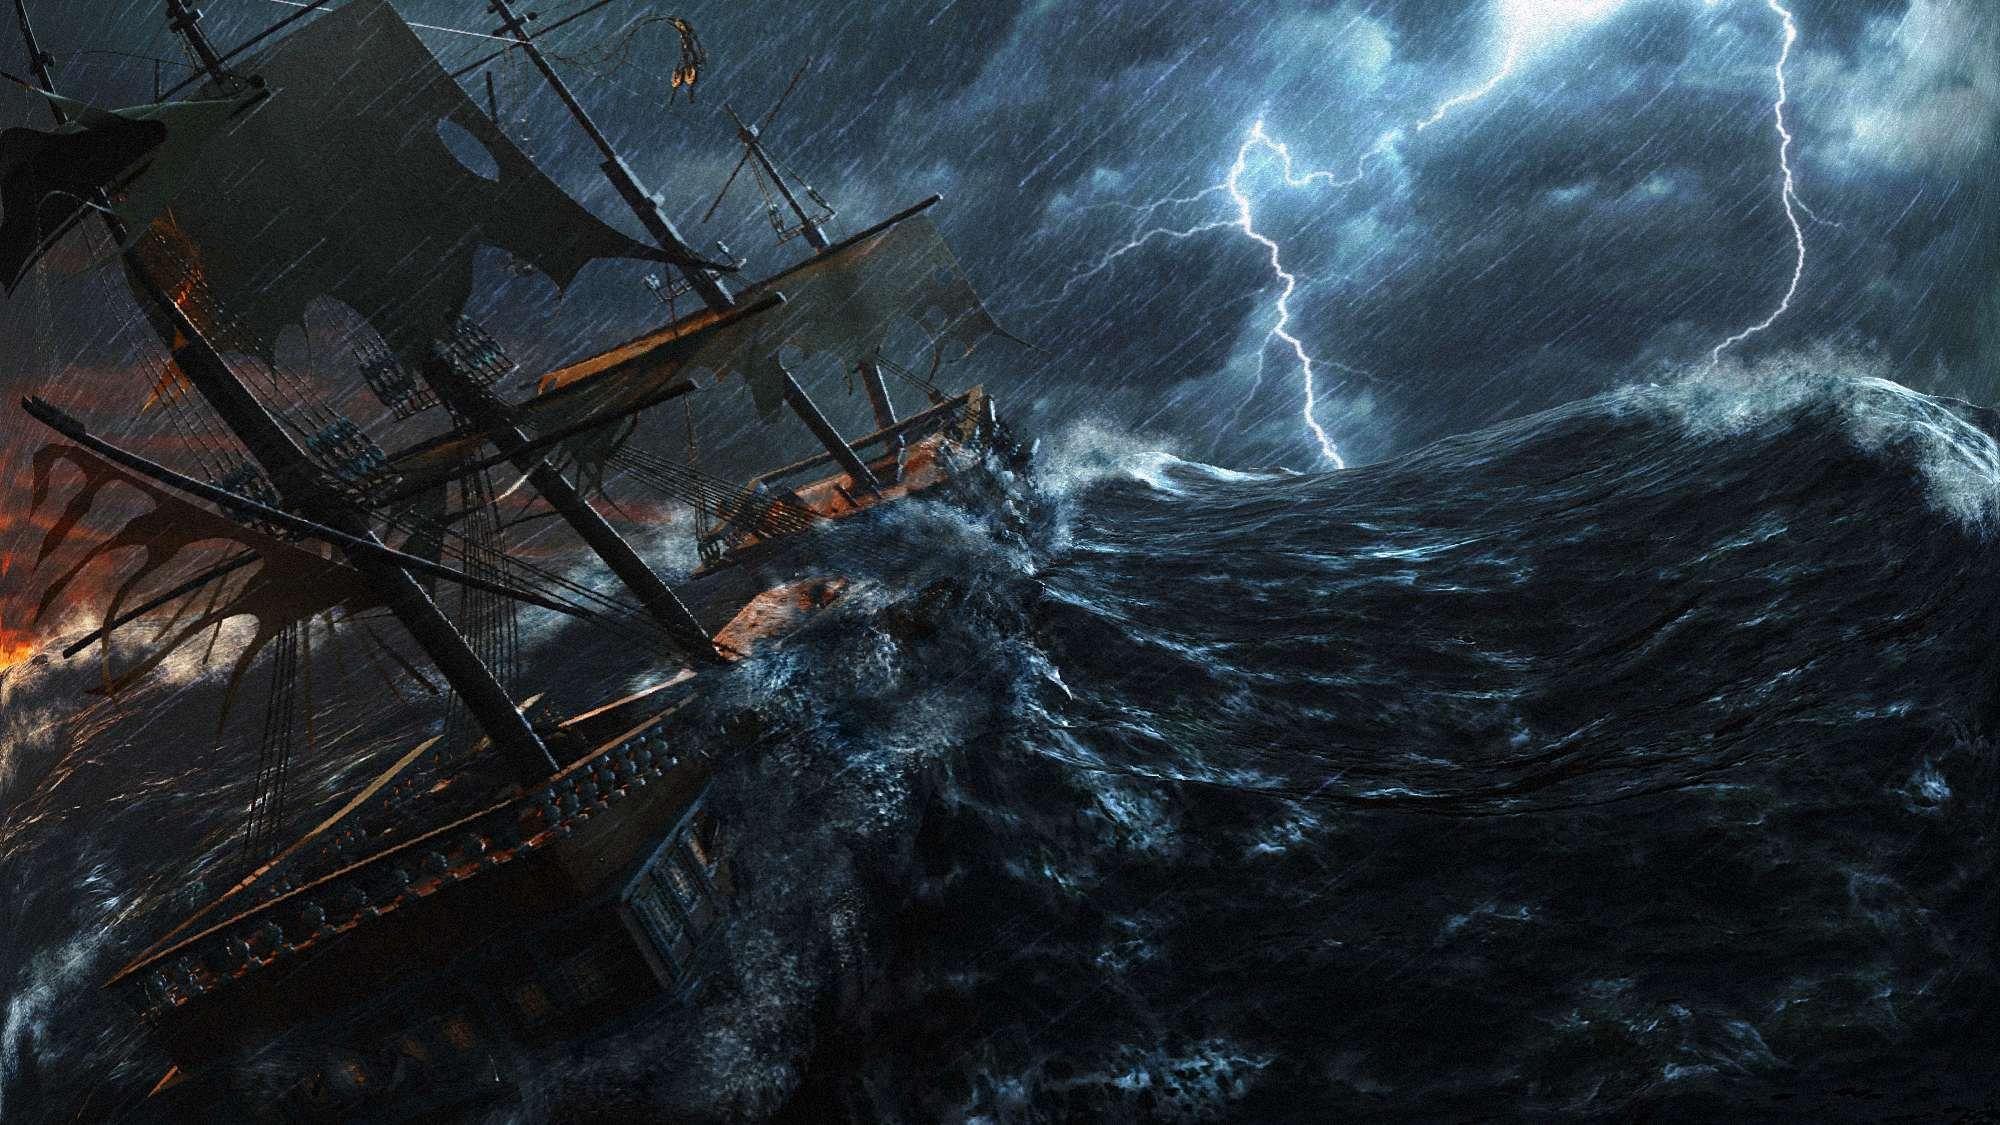 корабль в шторм. параллельный мир и пророчество зелёного меча